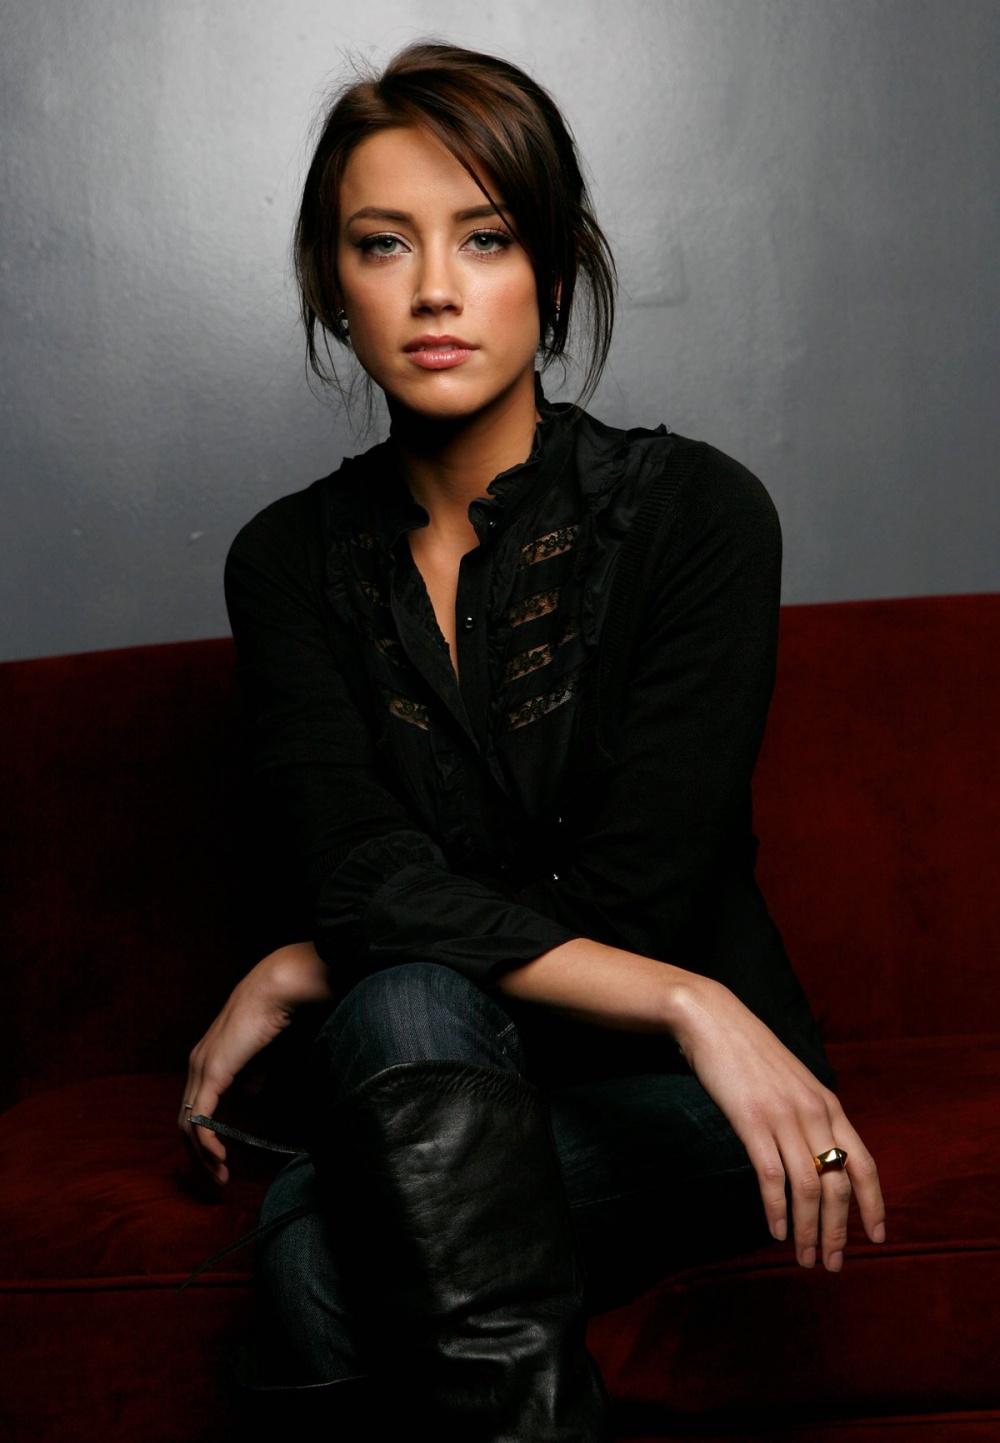 Актрисы, которые нам нравятся Kinopoisk.ru-Amber-Heard-891803